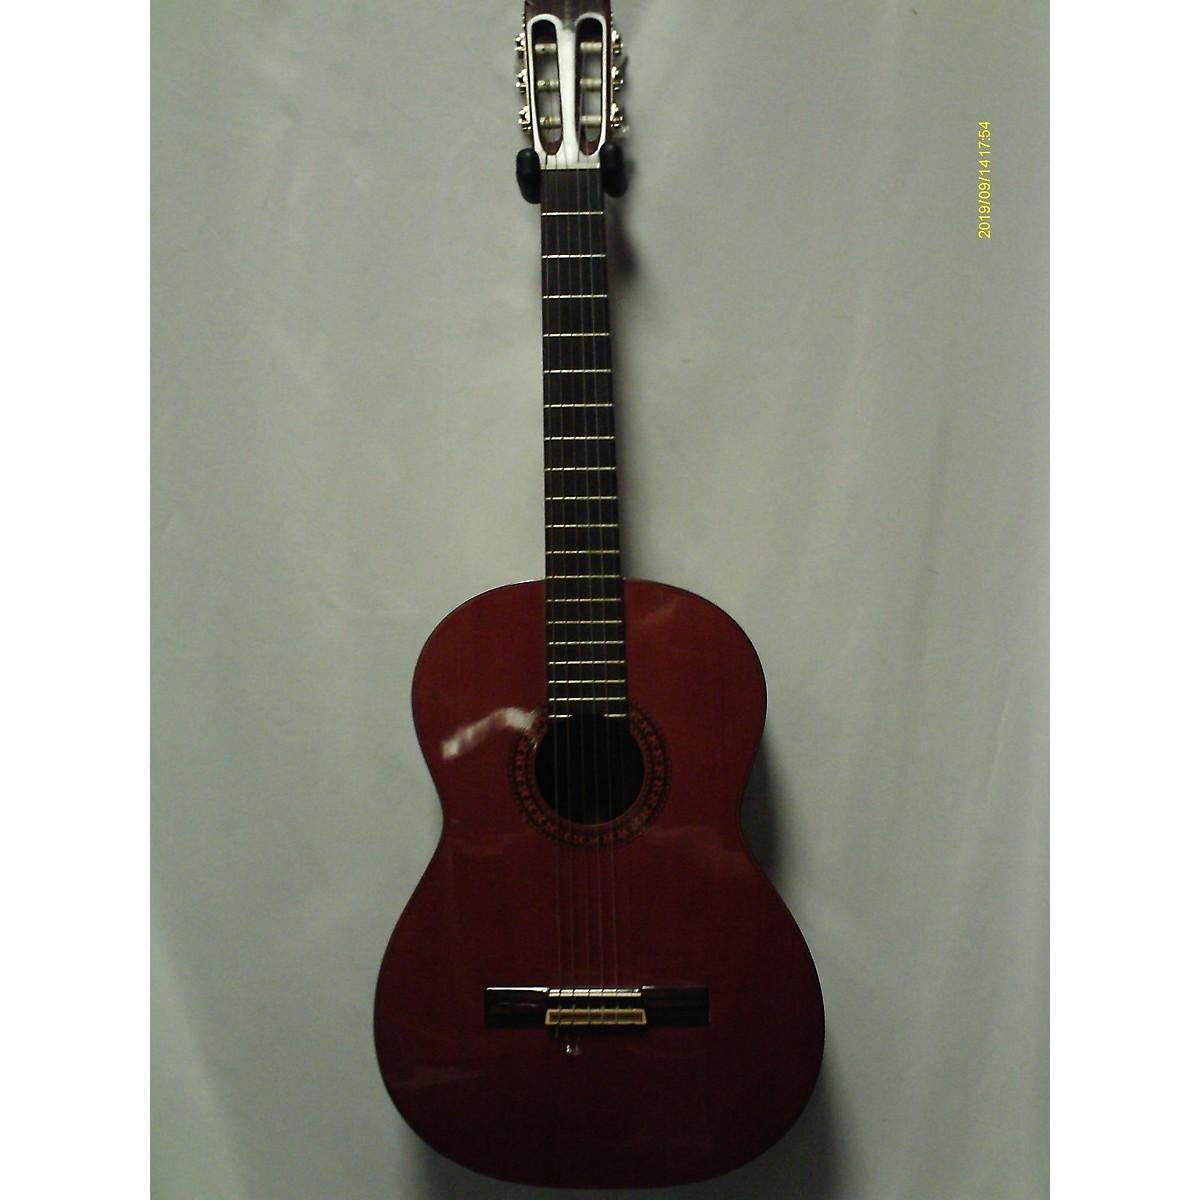 TAMA 1970s 3550p Classical Acoustic Guitar